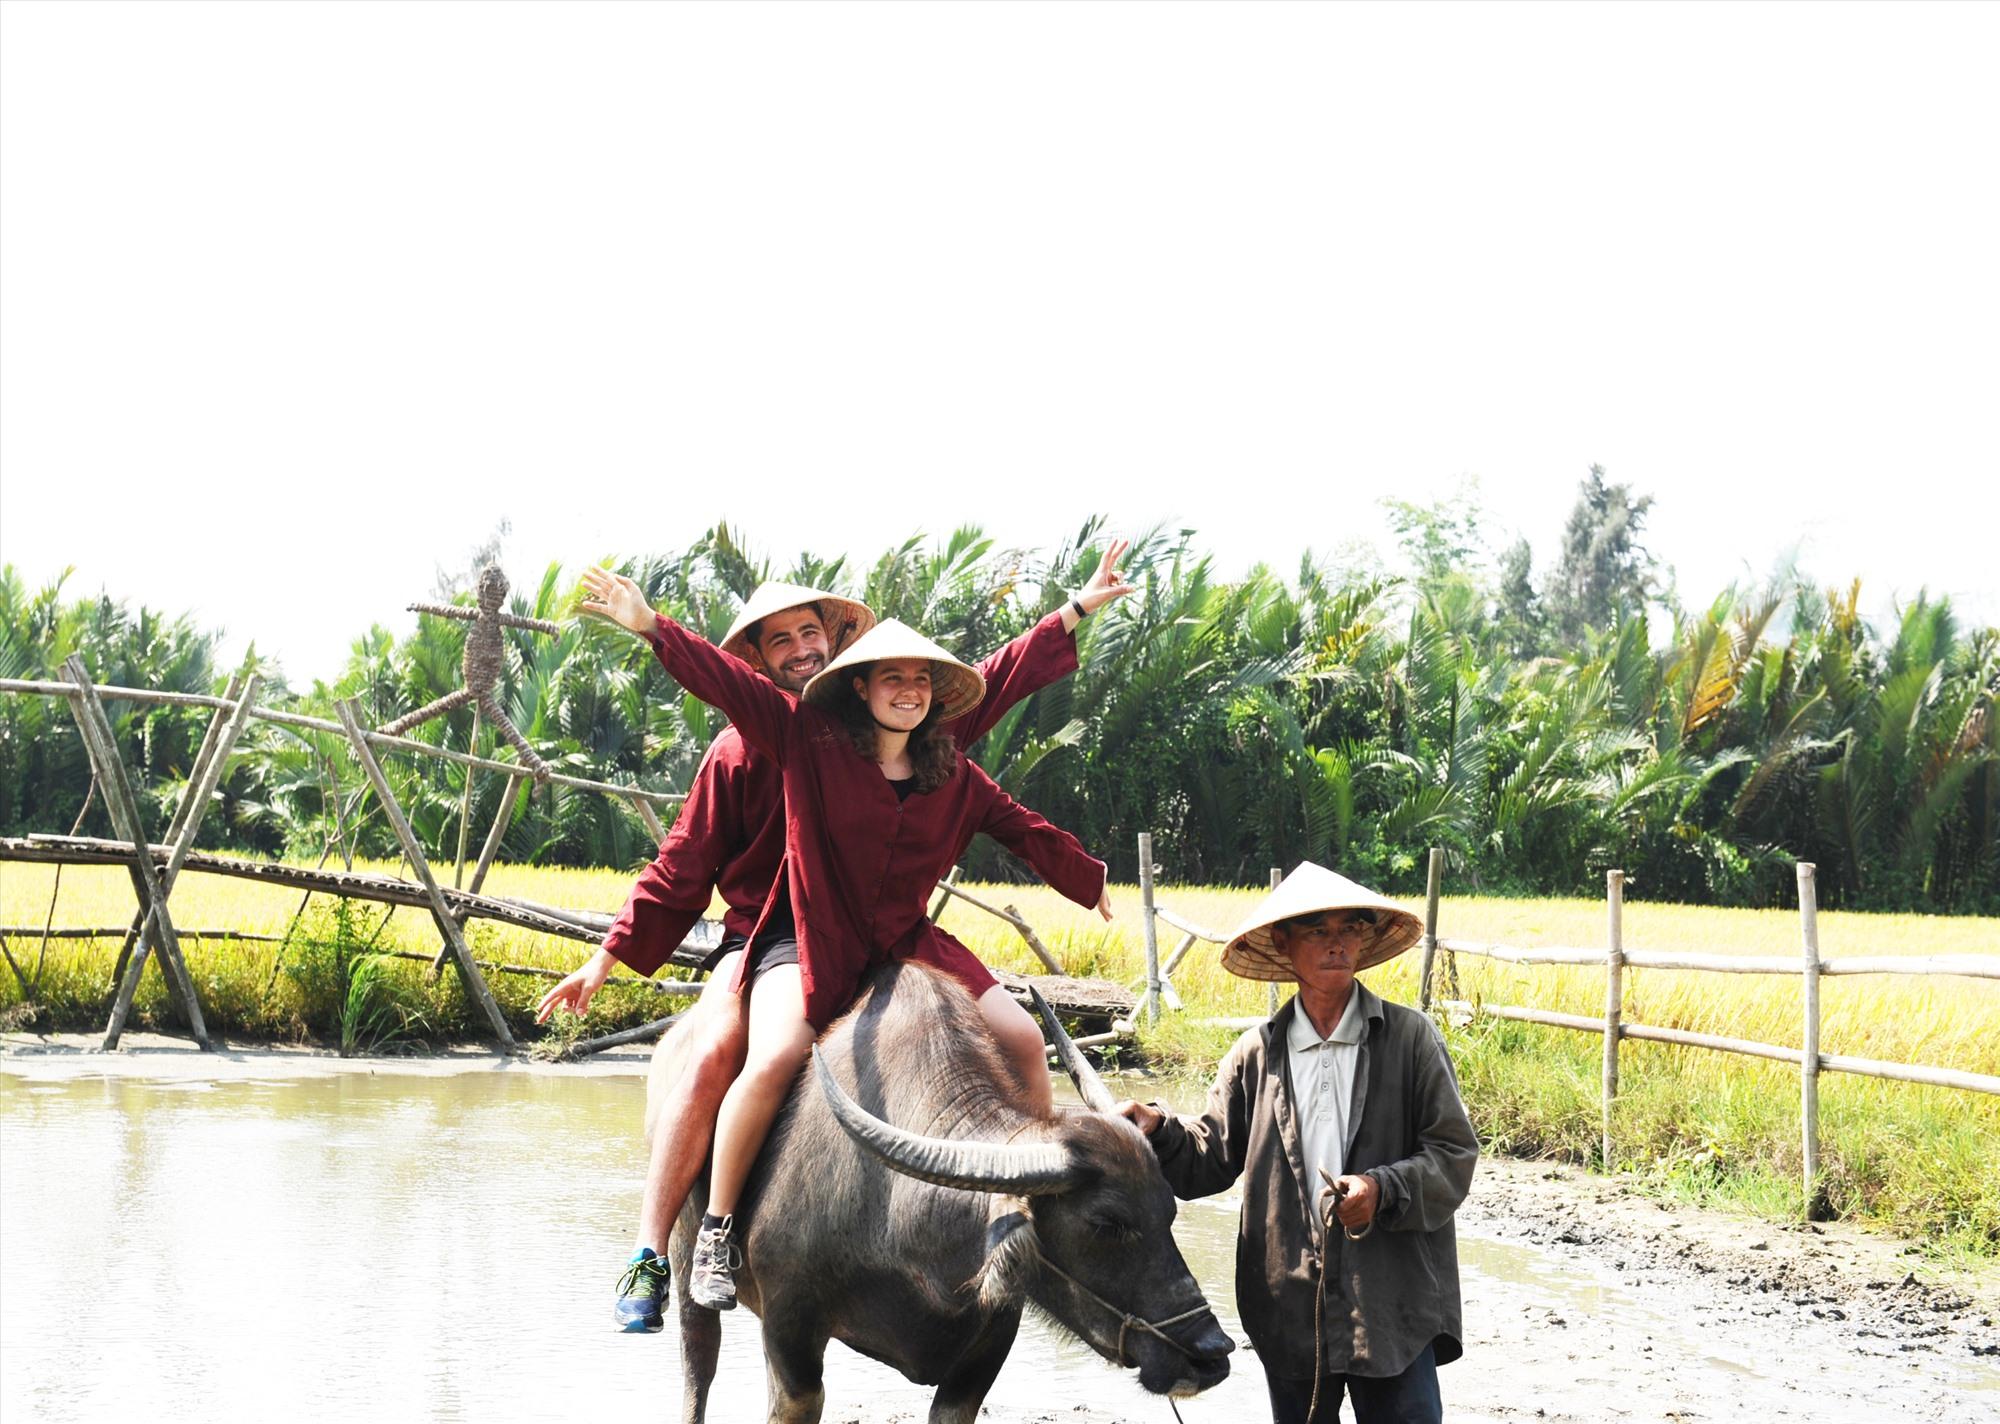 Du khách trải nghiệm sản xuất nông nghiệp tại Hội An. Ảnh: M.HẢI